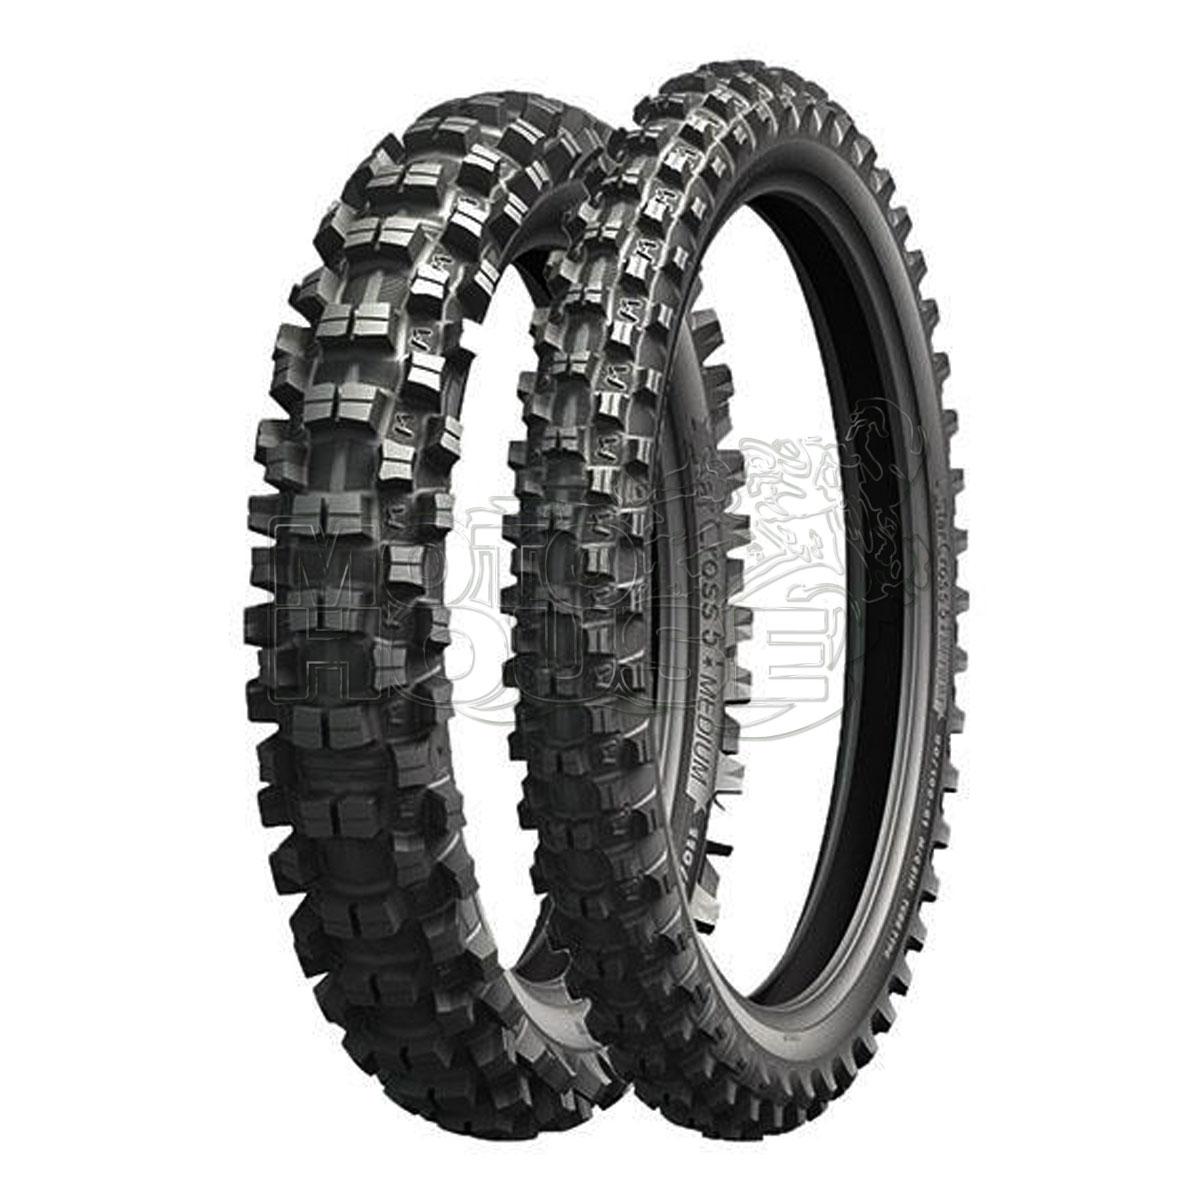 Llanta Para Moto Cross Michelin Starcross 5 Med.  90/100-14